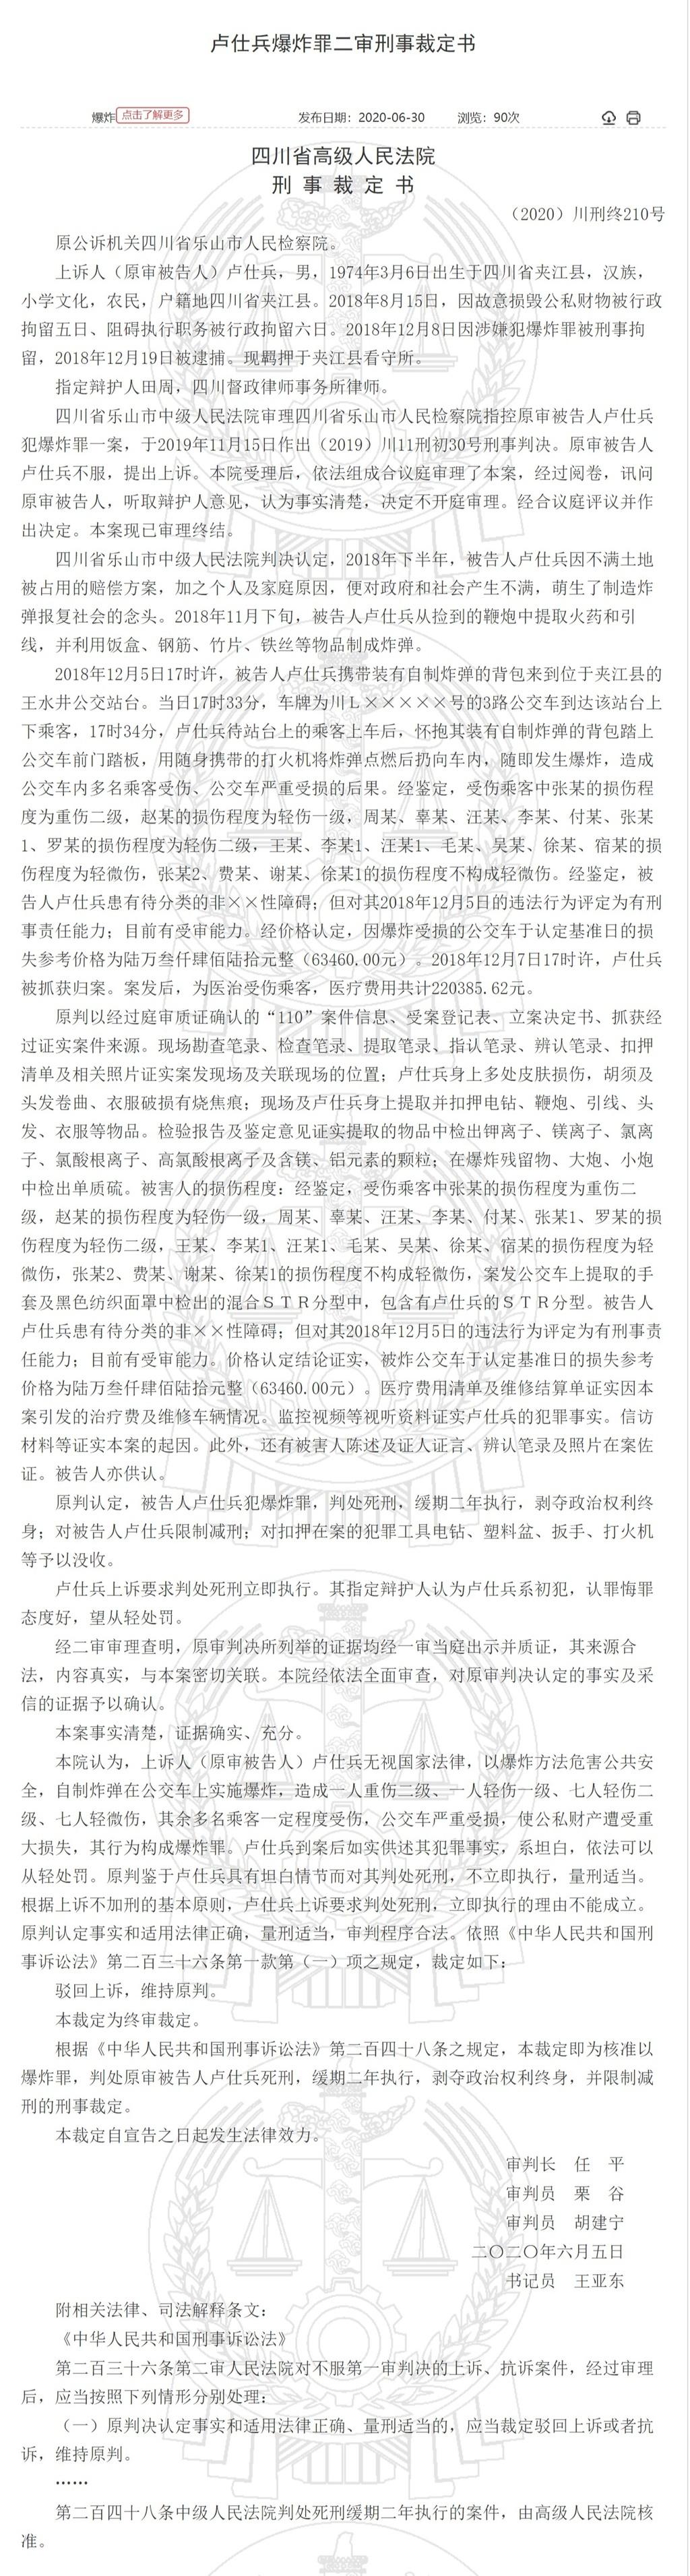 四川夹江公交车爆炸案被告人上诉求死刑 二审维持死缓图片